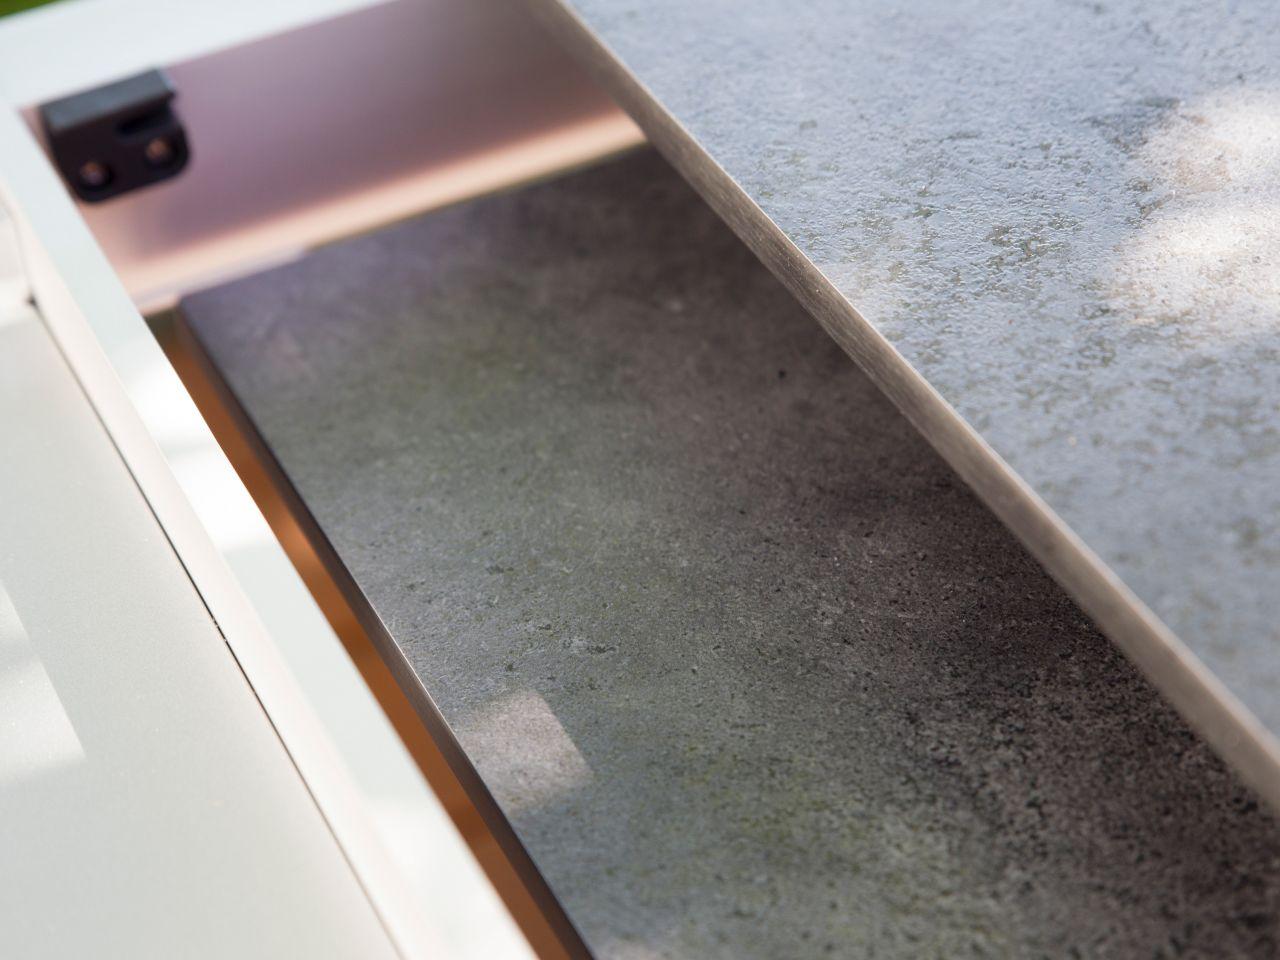 Einlegeplatte kann im Tisch aufbewahrt werden